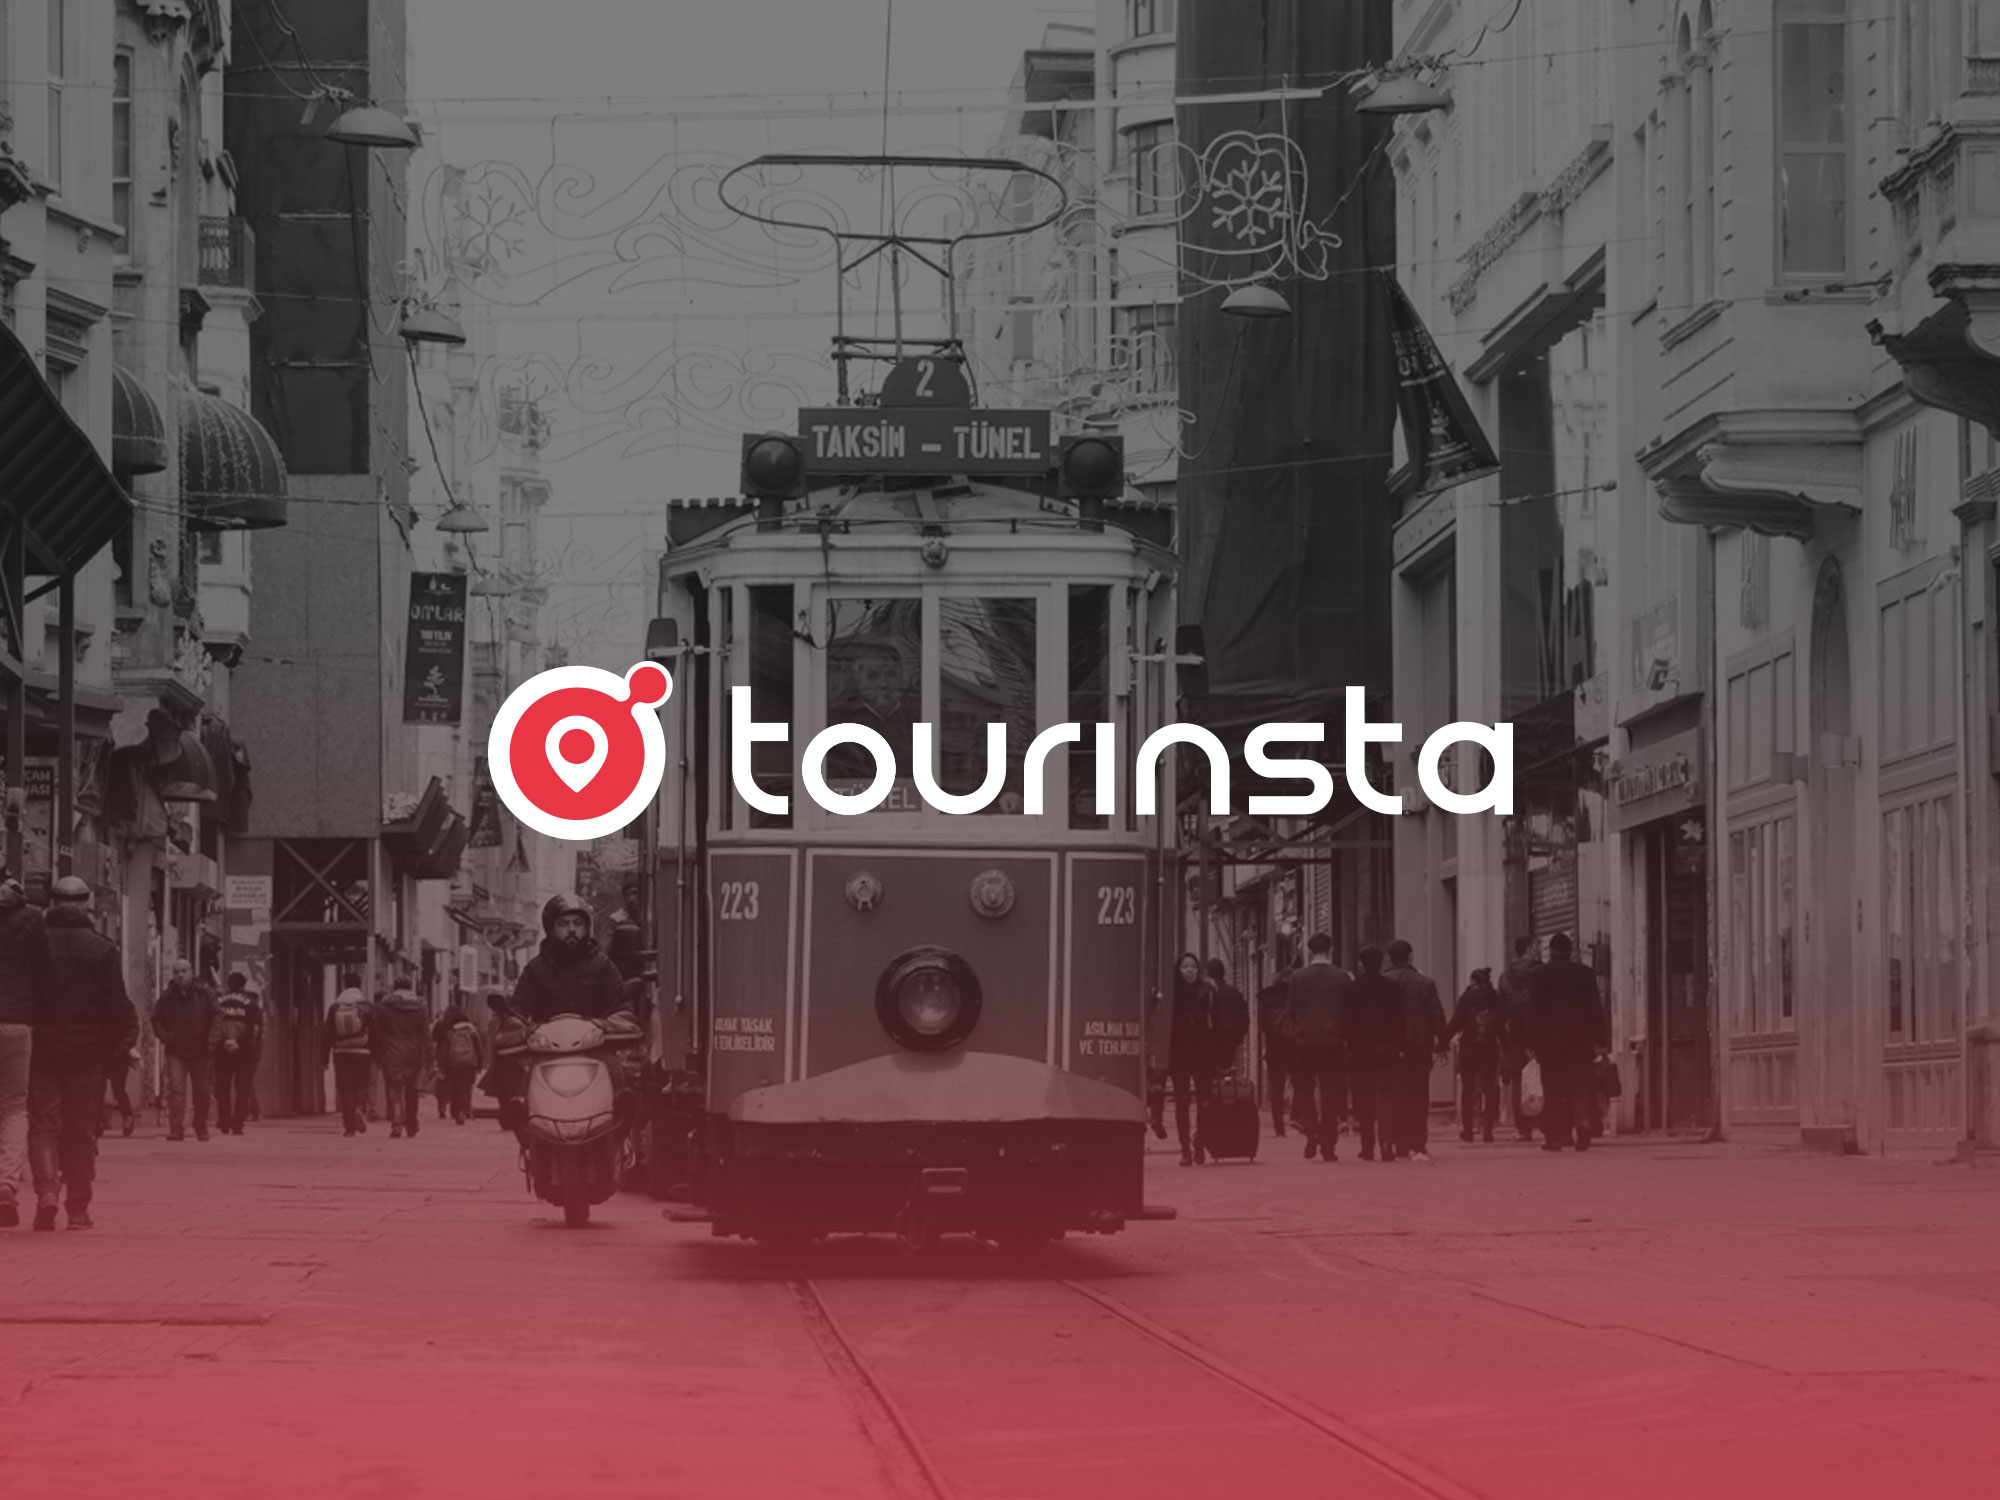 tourinsta1